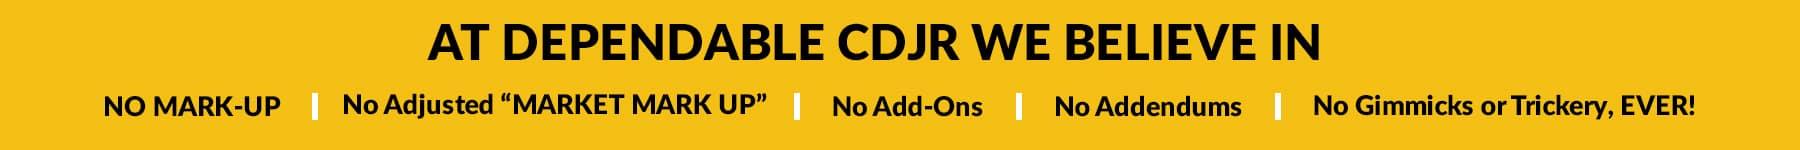 Dependable CDJR no mark up